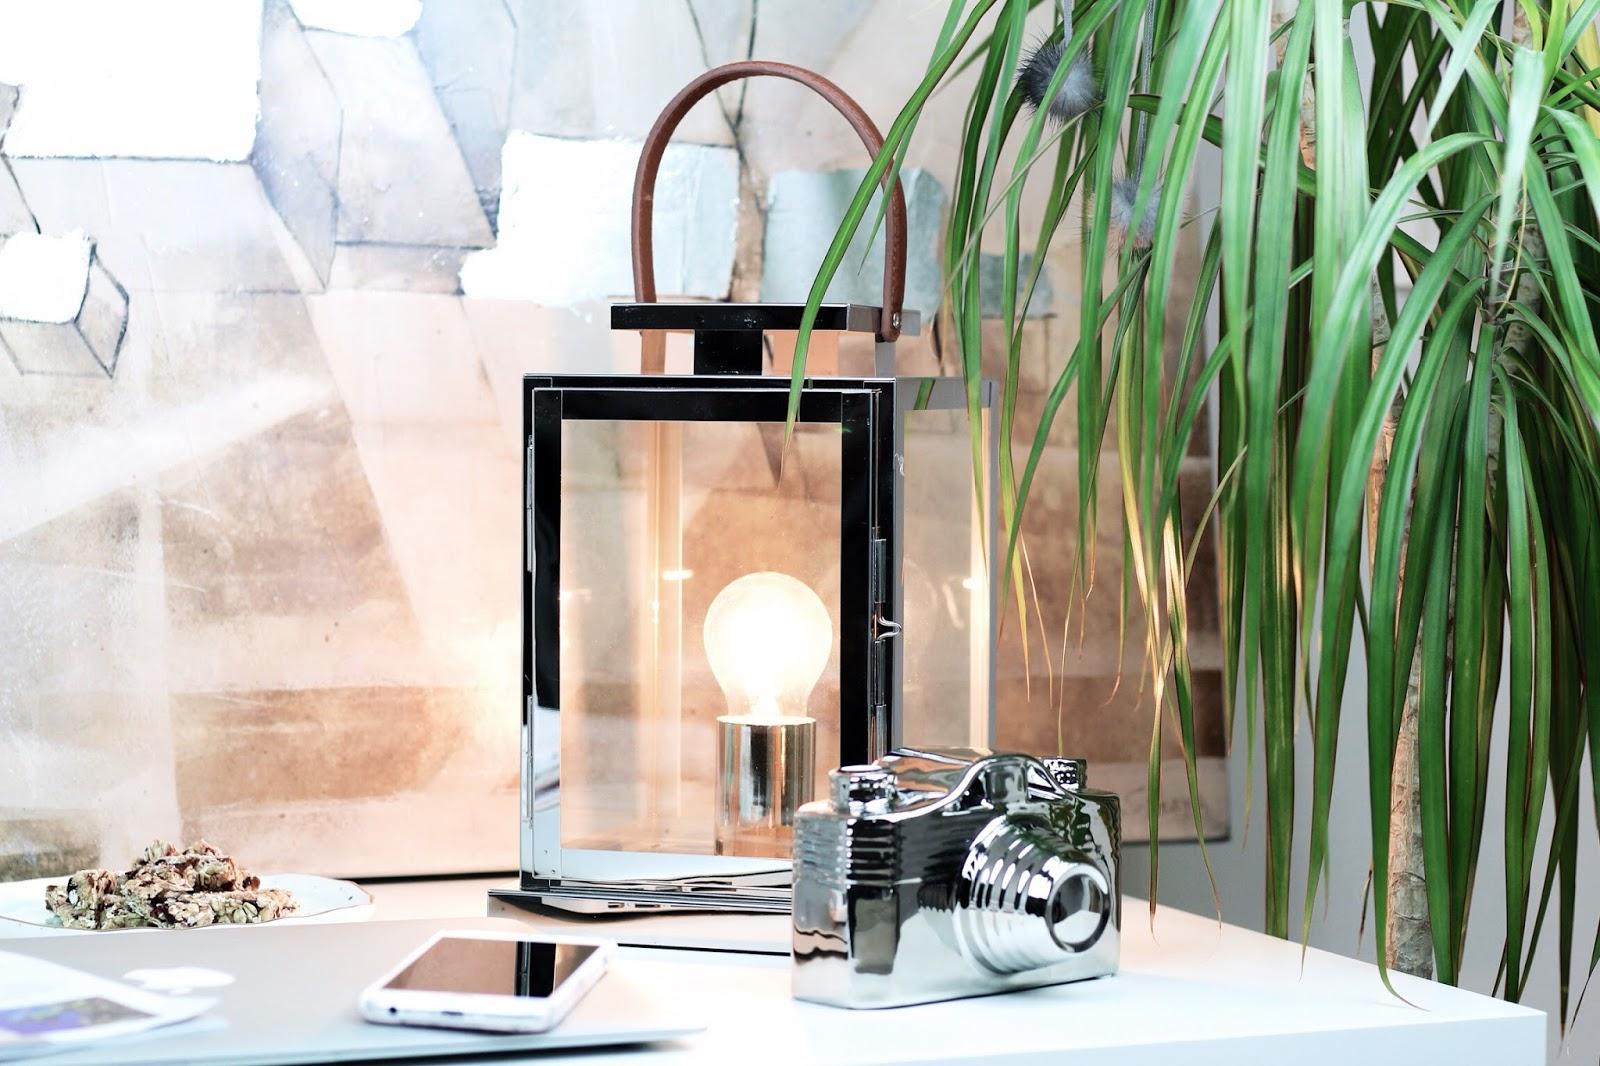 Stylish desk setup with chrome lantern